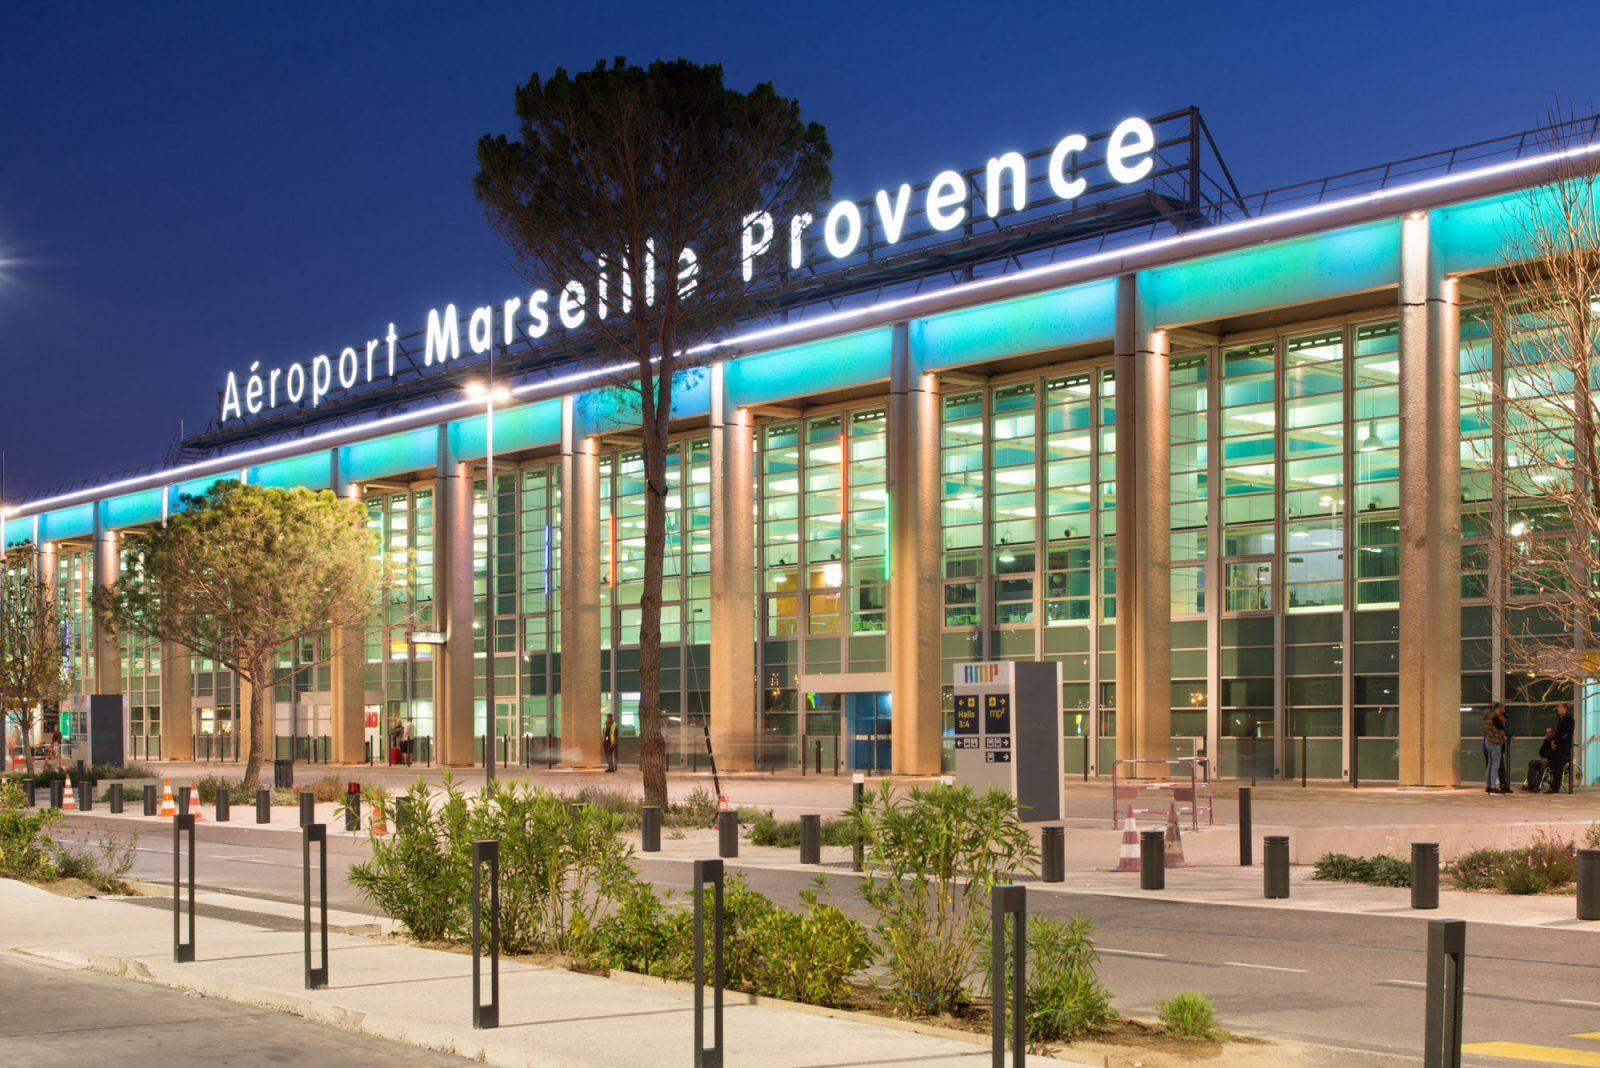 Installation domotique Marseille, installation domotique aix en provence, installation domotique PACA